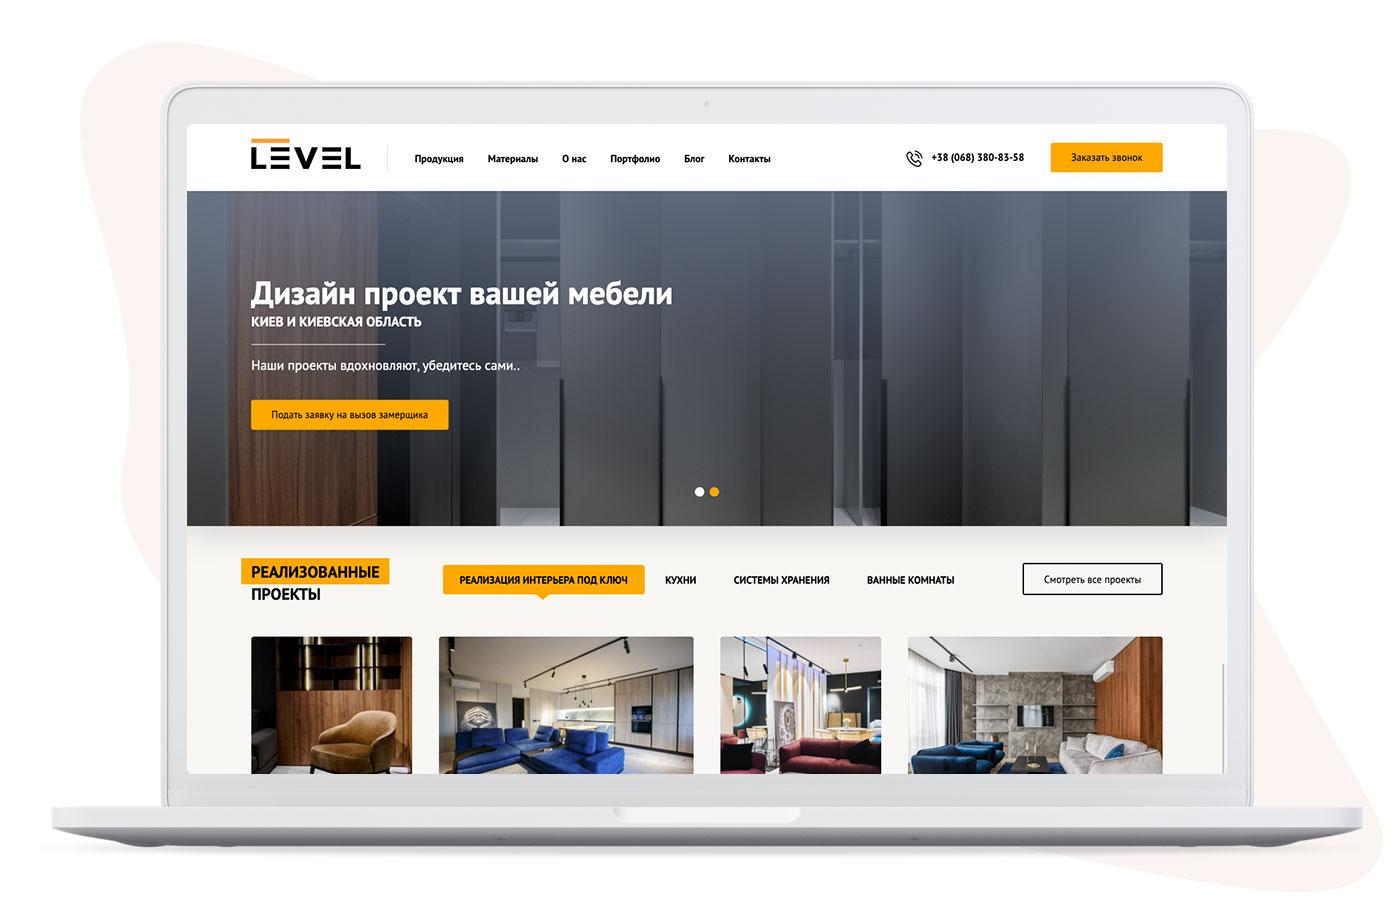 Level Kiev